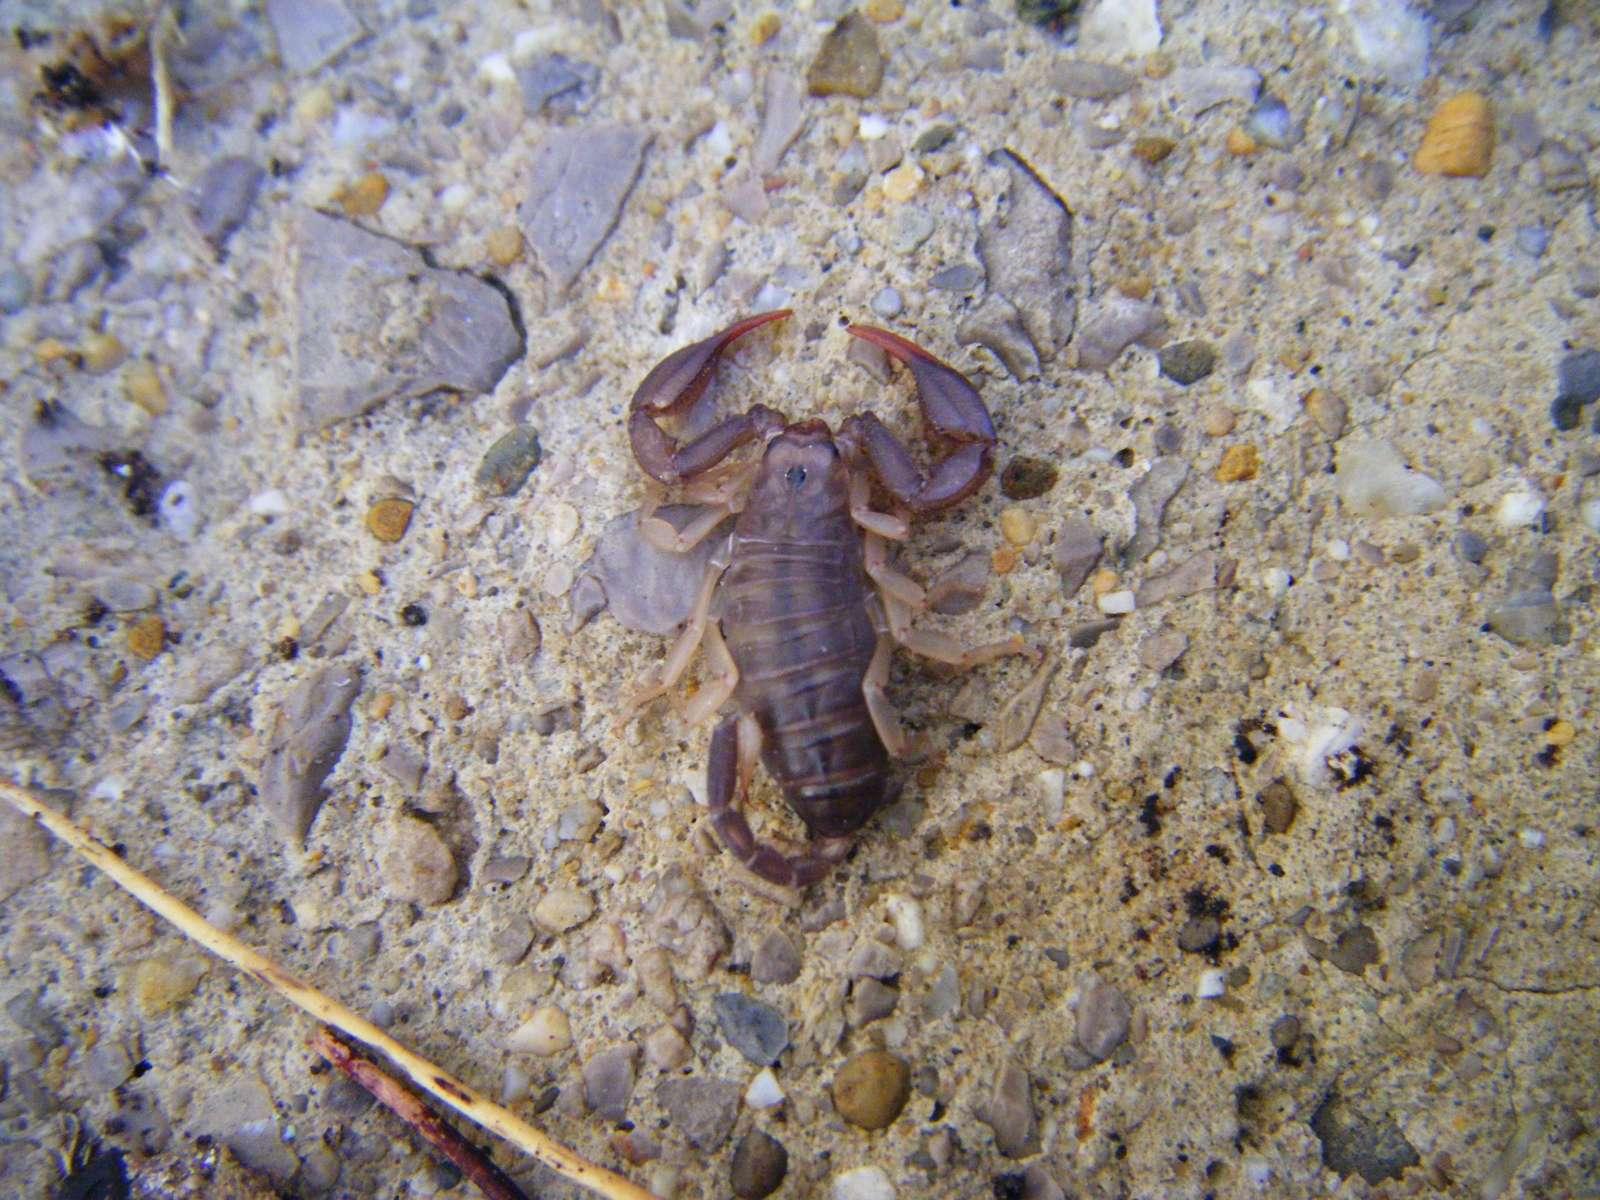 Scorpion à pattes jaunes